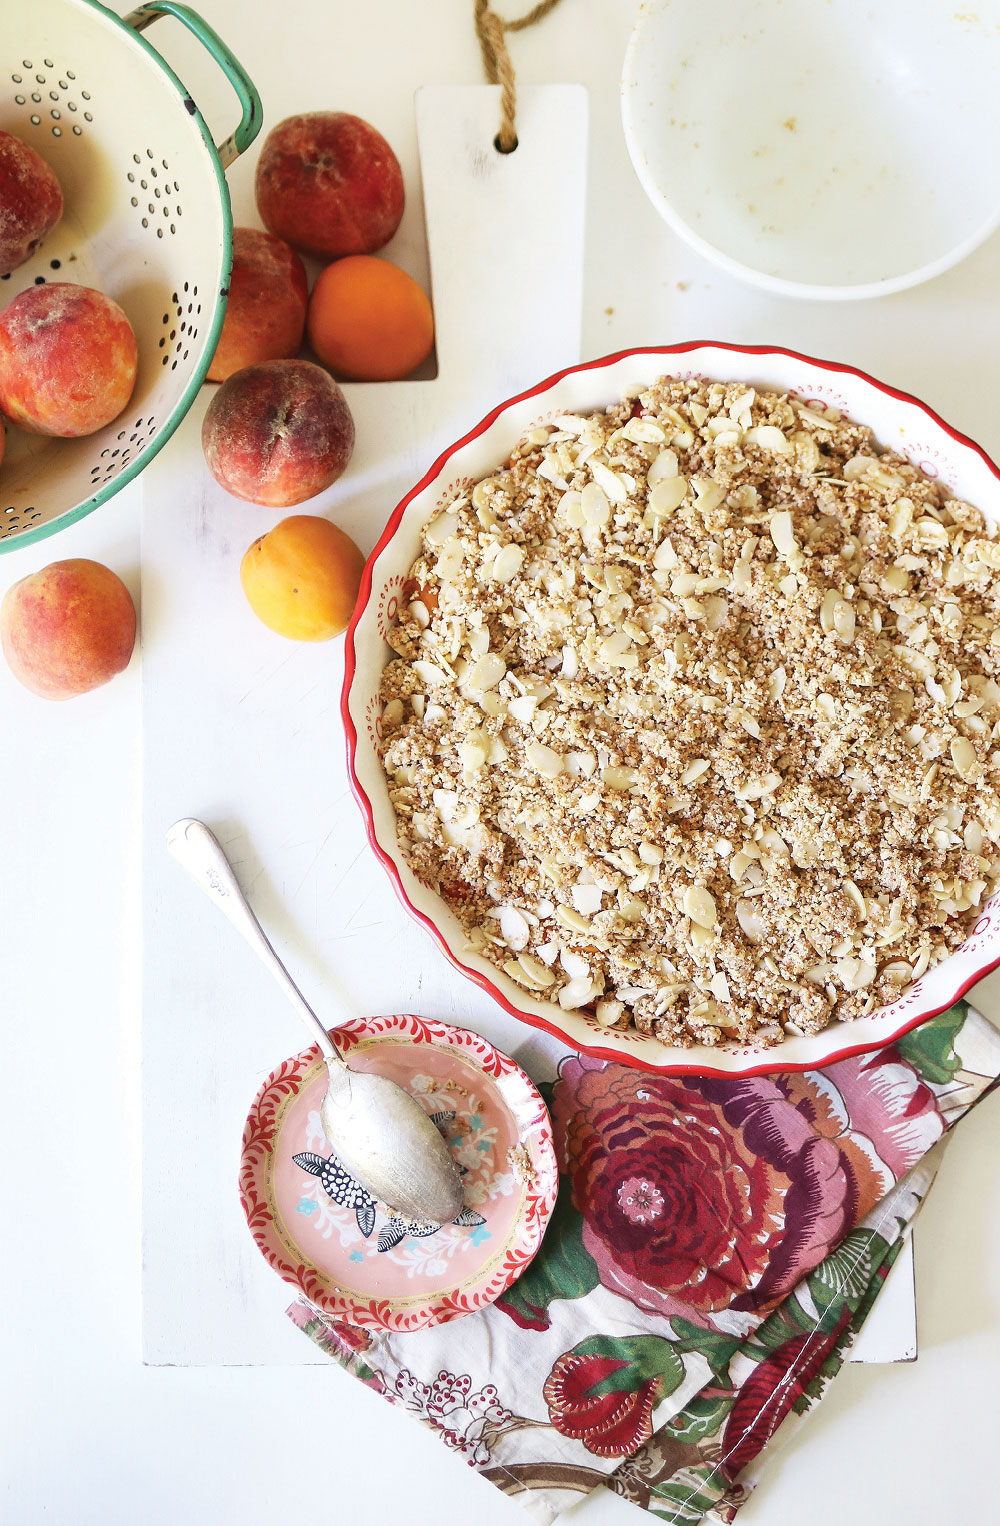 Grain-Free-Peach-Apricot-Crisp-Crumble-Pure-Ella-Leche5